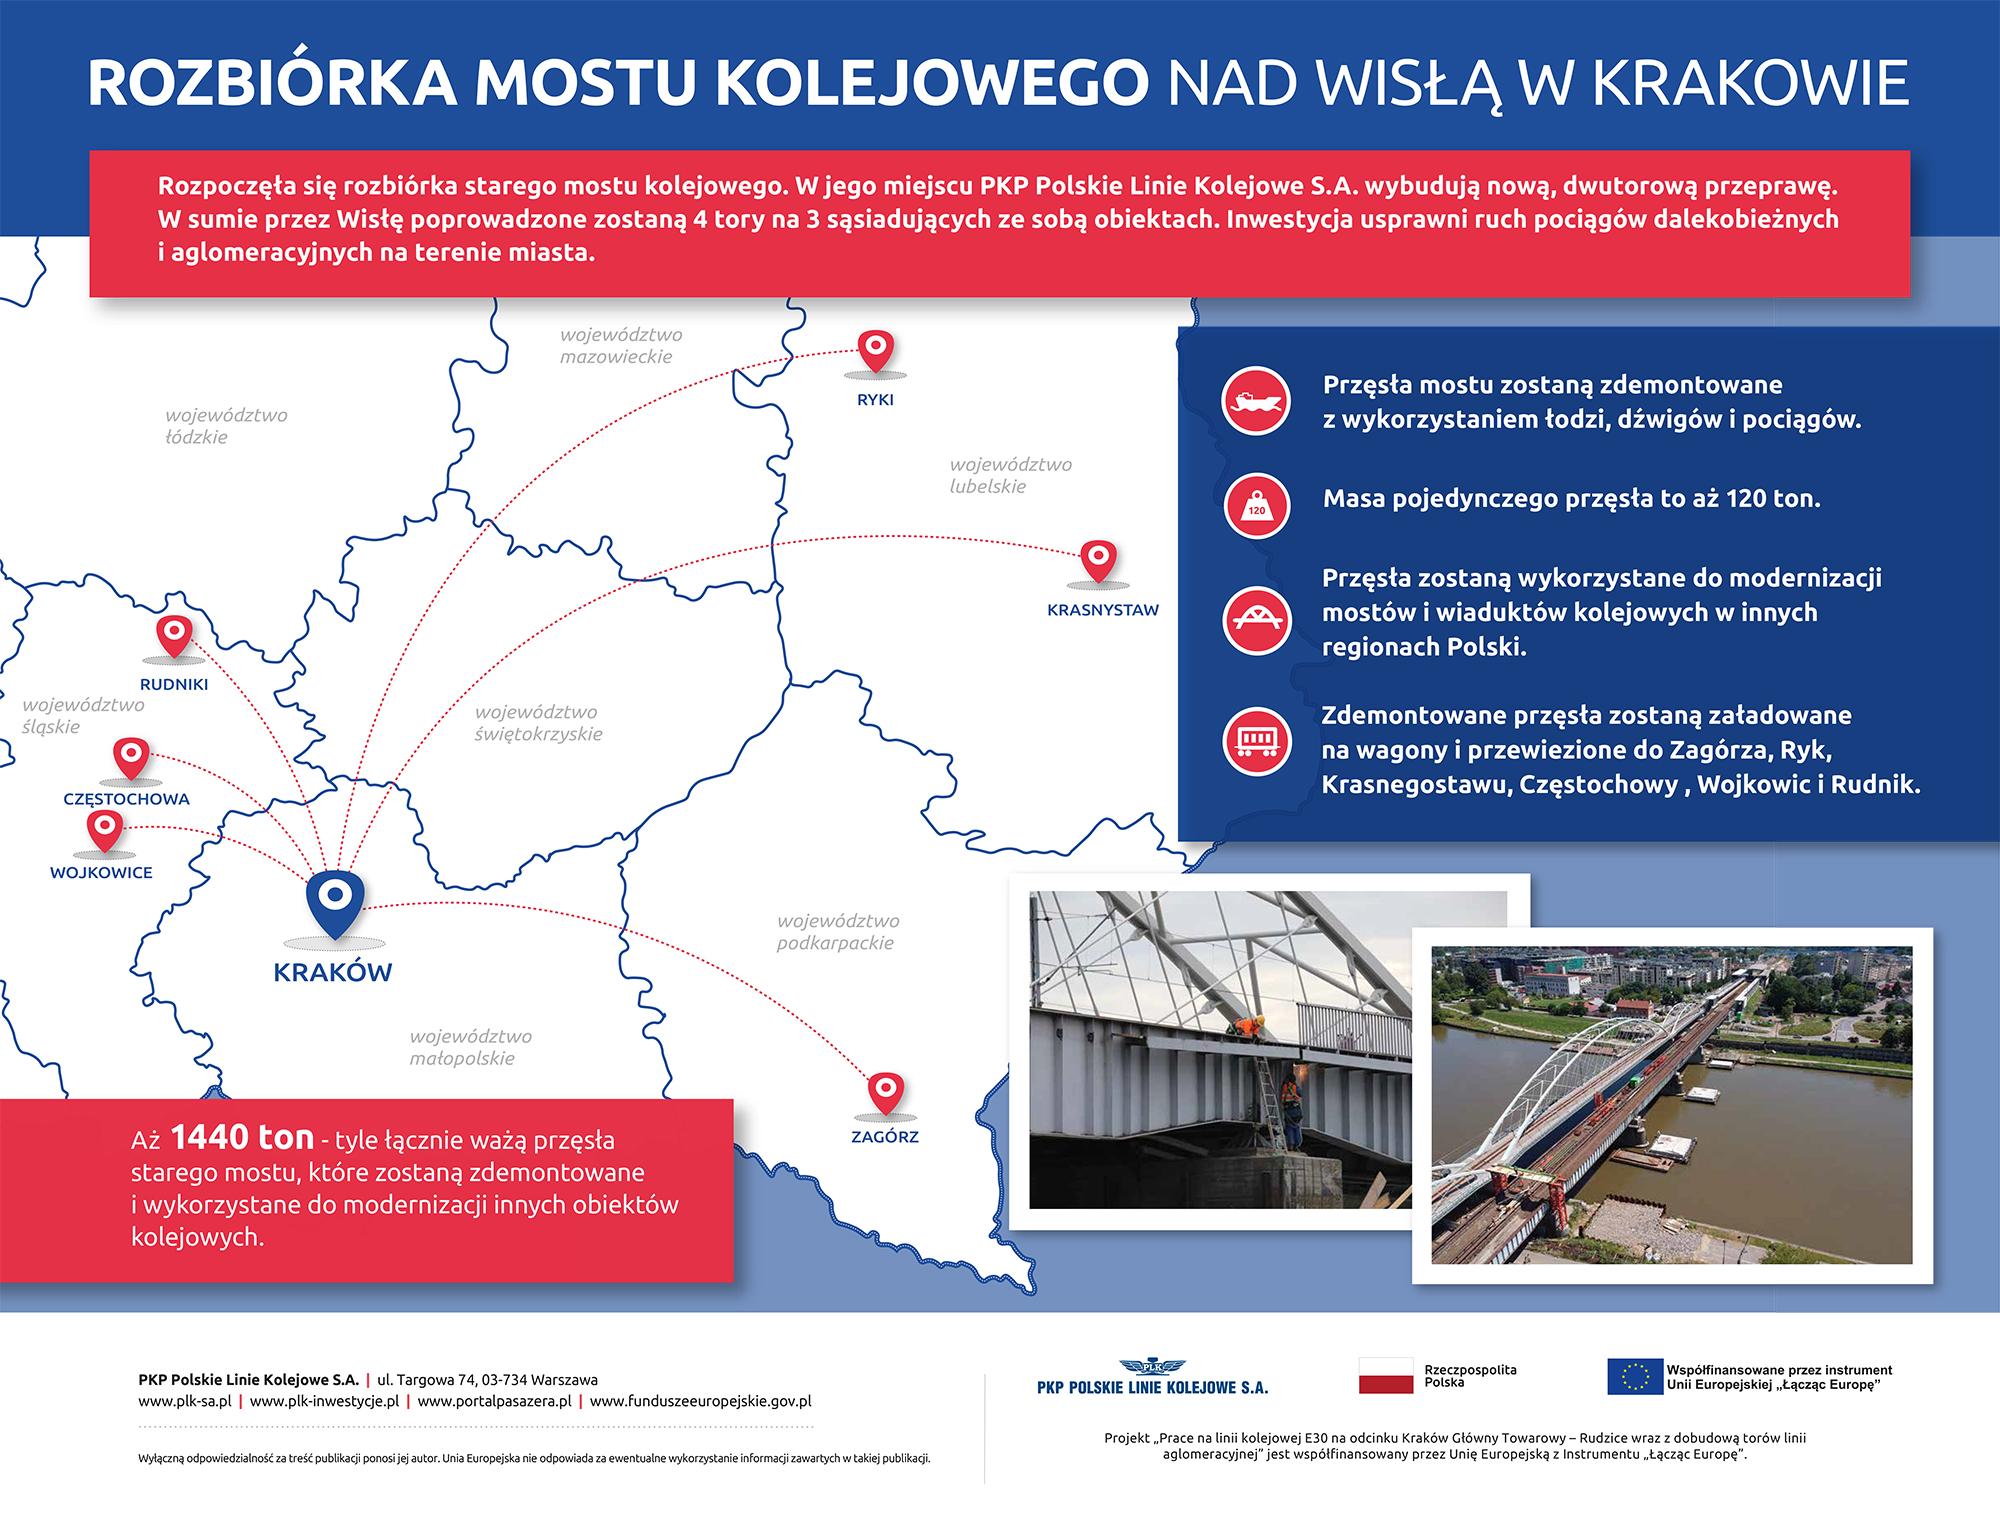 Infografika pokazująca mapę południowo-wschodniej części Polski z zaznaczonymi miejscami, do których trafią przęsła z demontowanego mostu kolejowego na Wiśle w Krakowie.